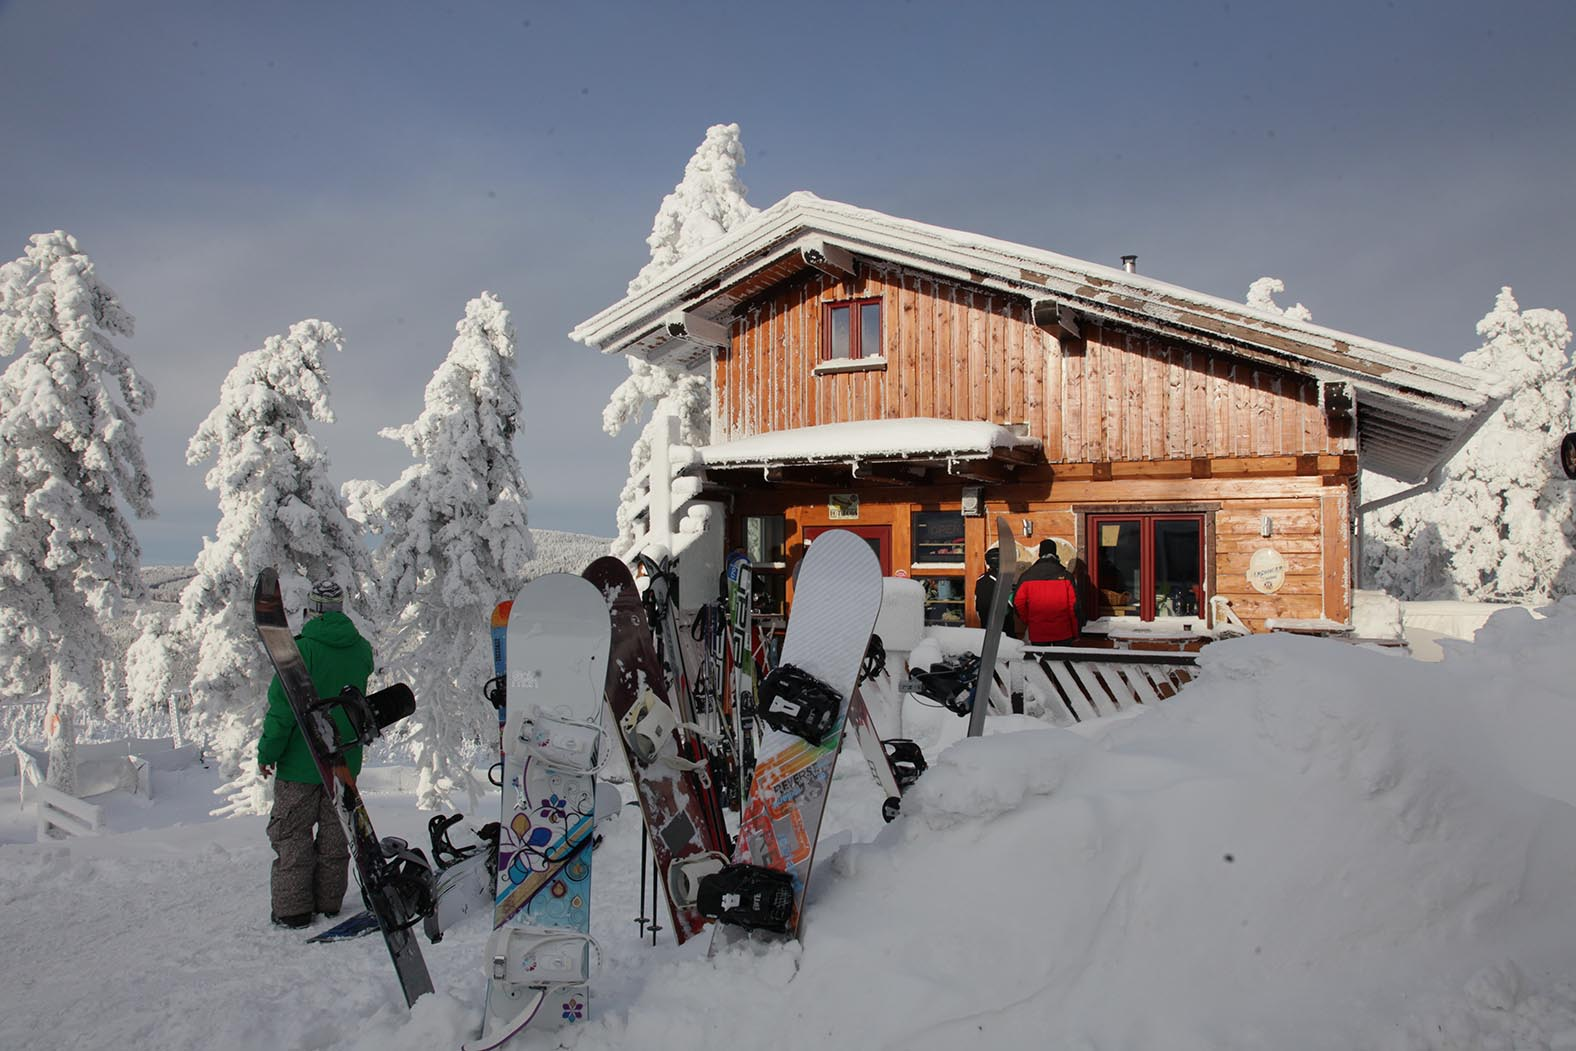 Auf dem Wurmberg in Braumlage, dem höchsten Berg Niedersachsens, kann man wirklich Wintersport betreiben